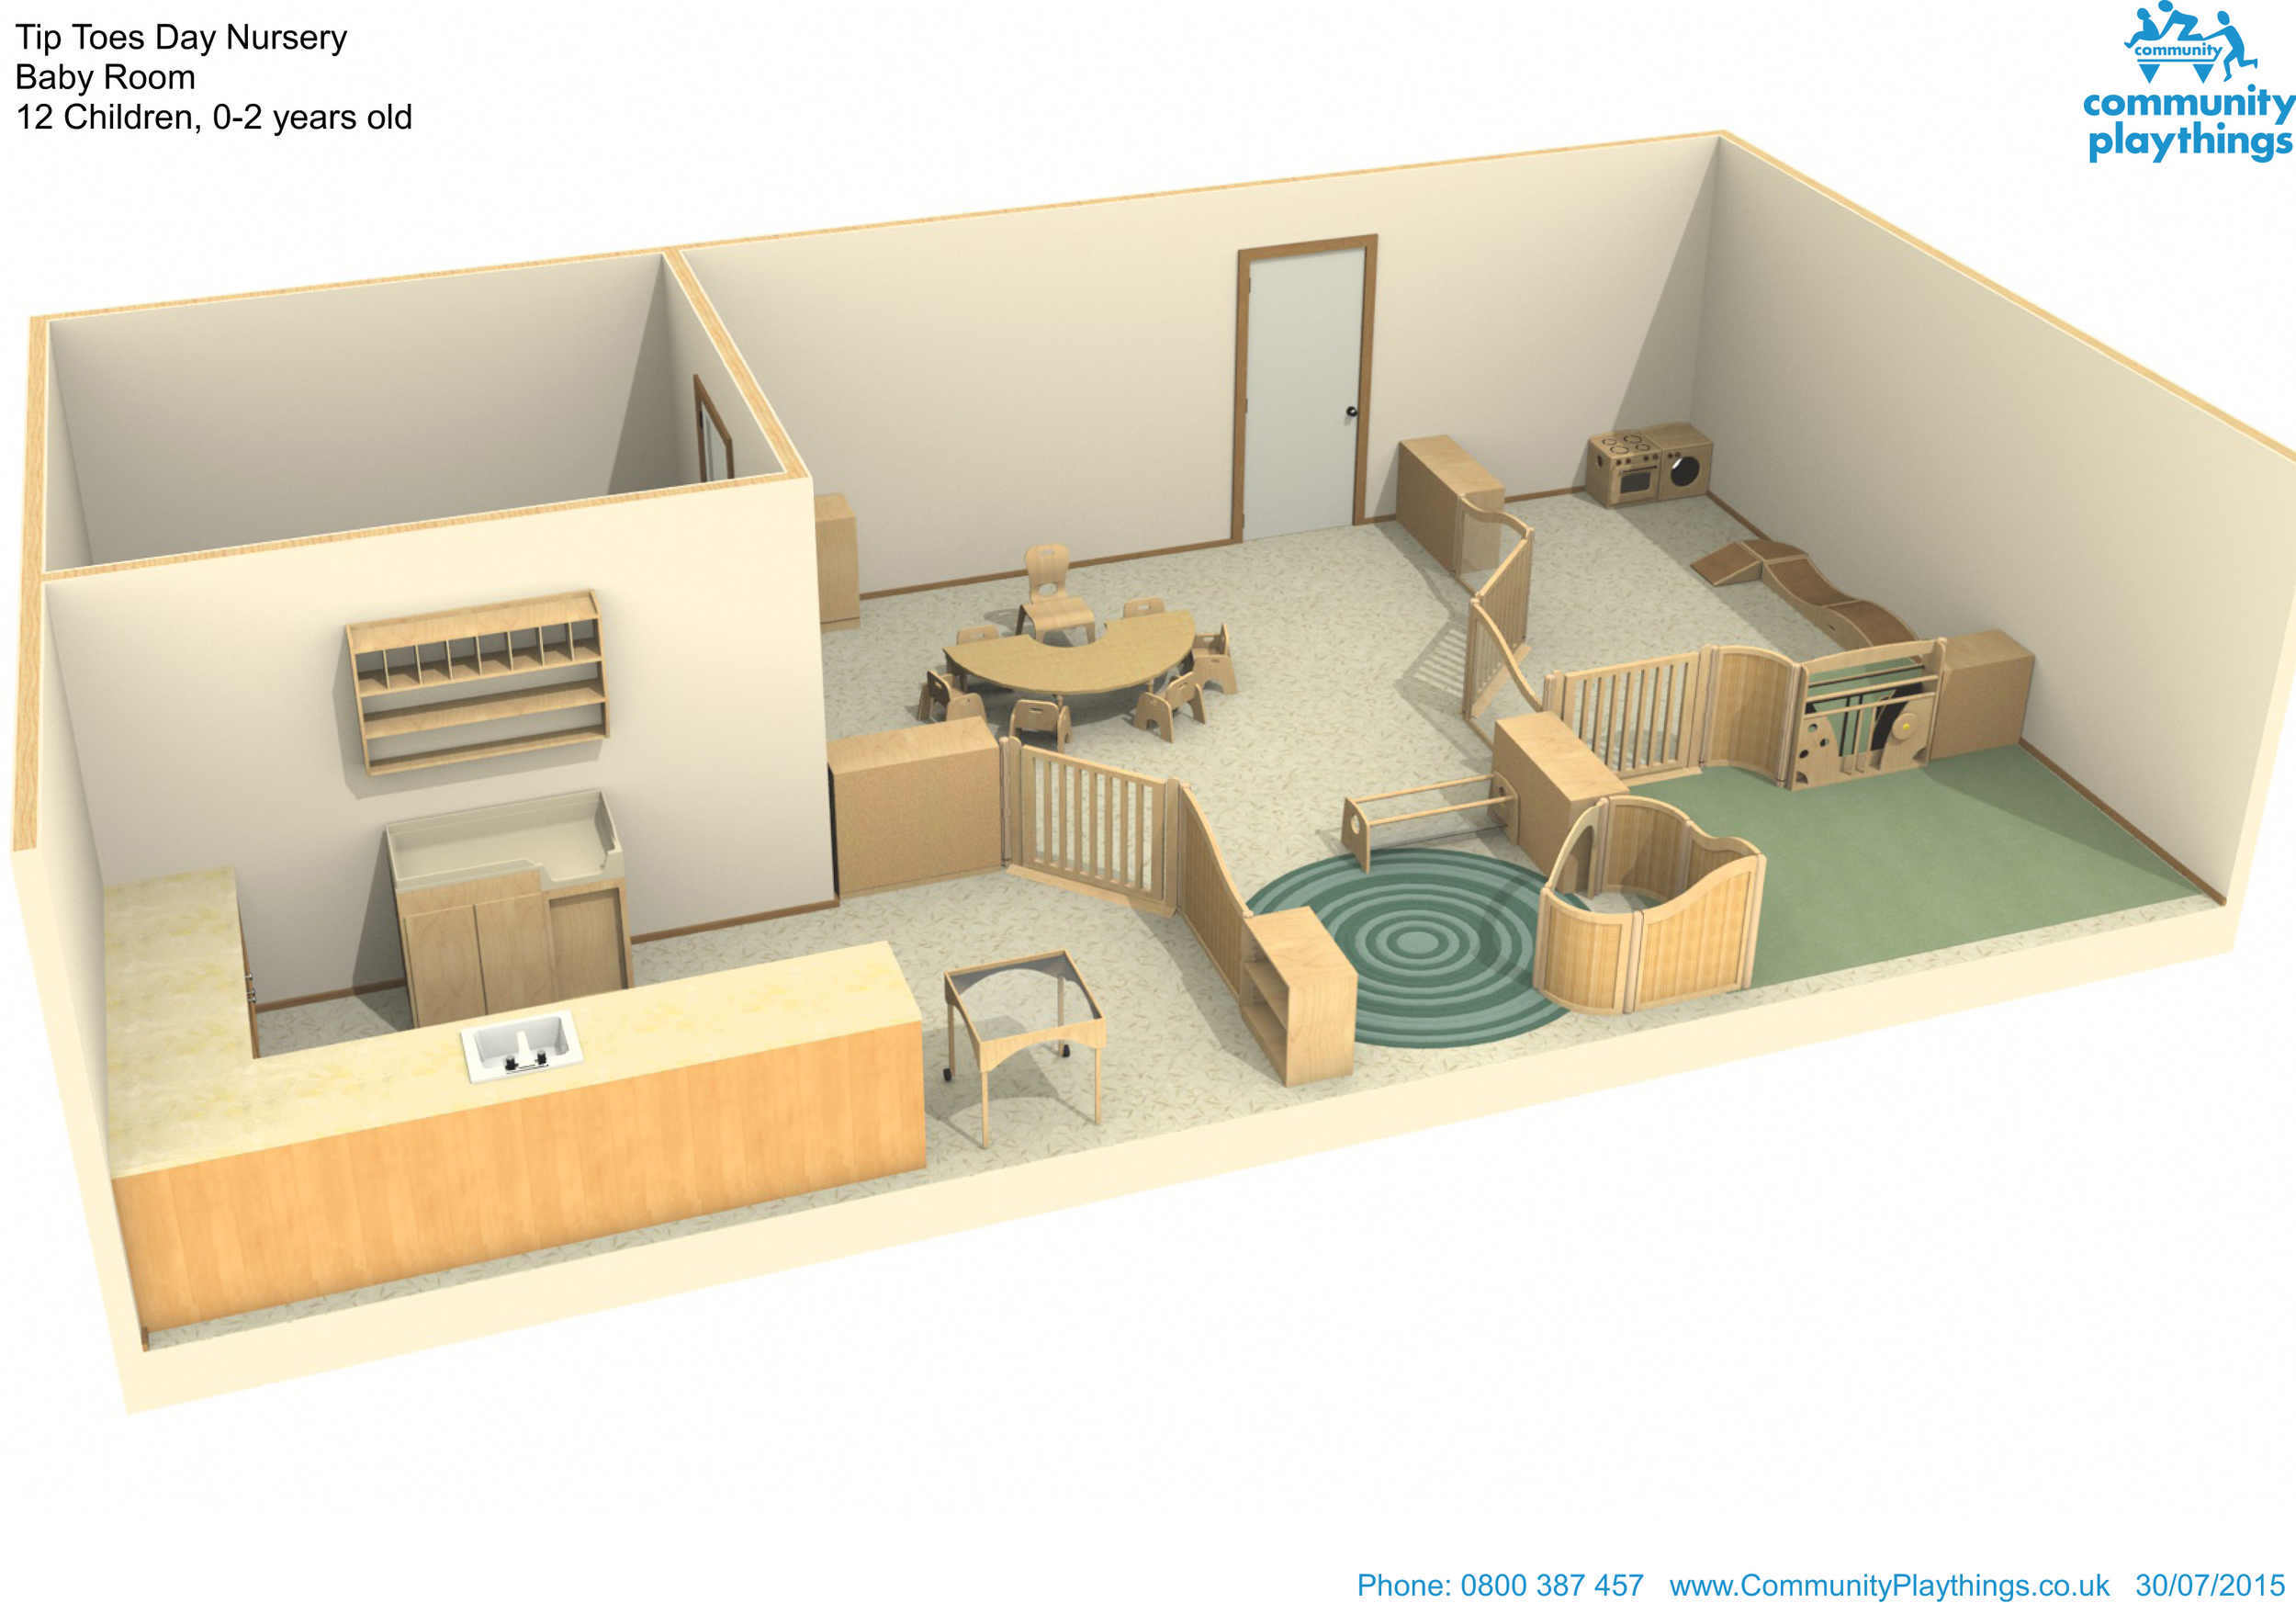 Baby Room revised-2.jpg